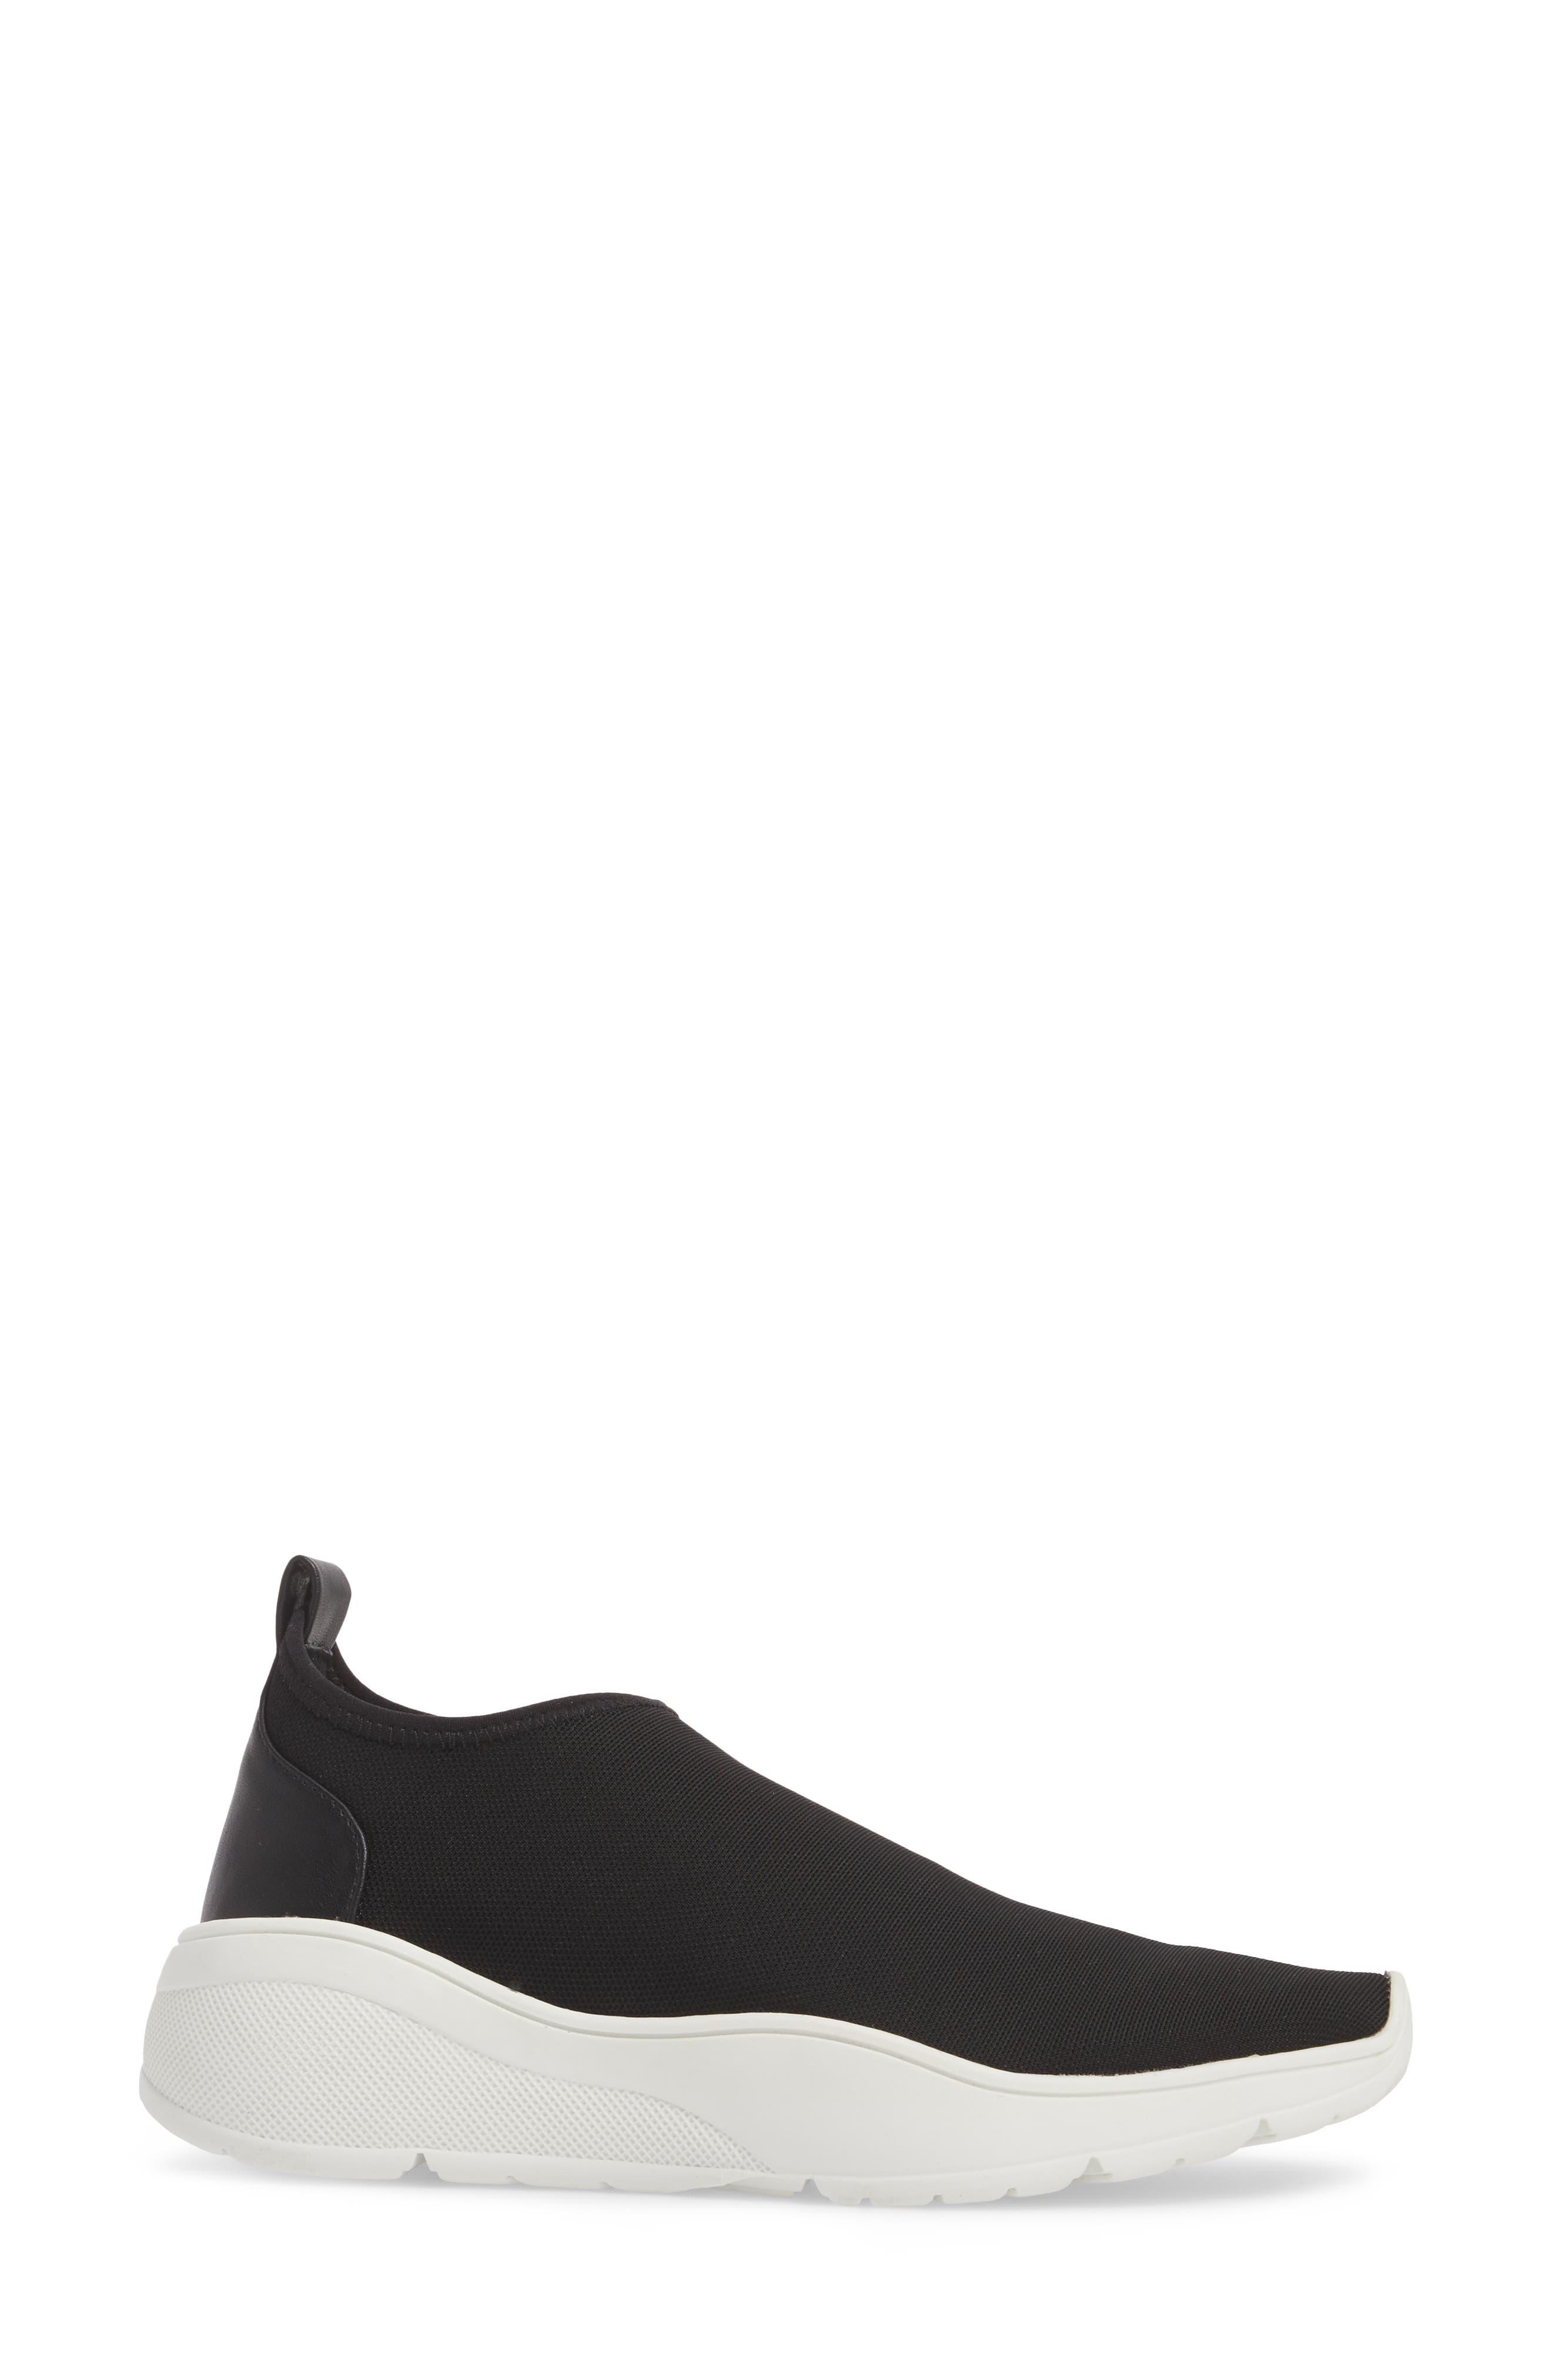 Floren Slip-On Sneaker,                             Alternate thumbnail 3, color,                             001